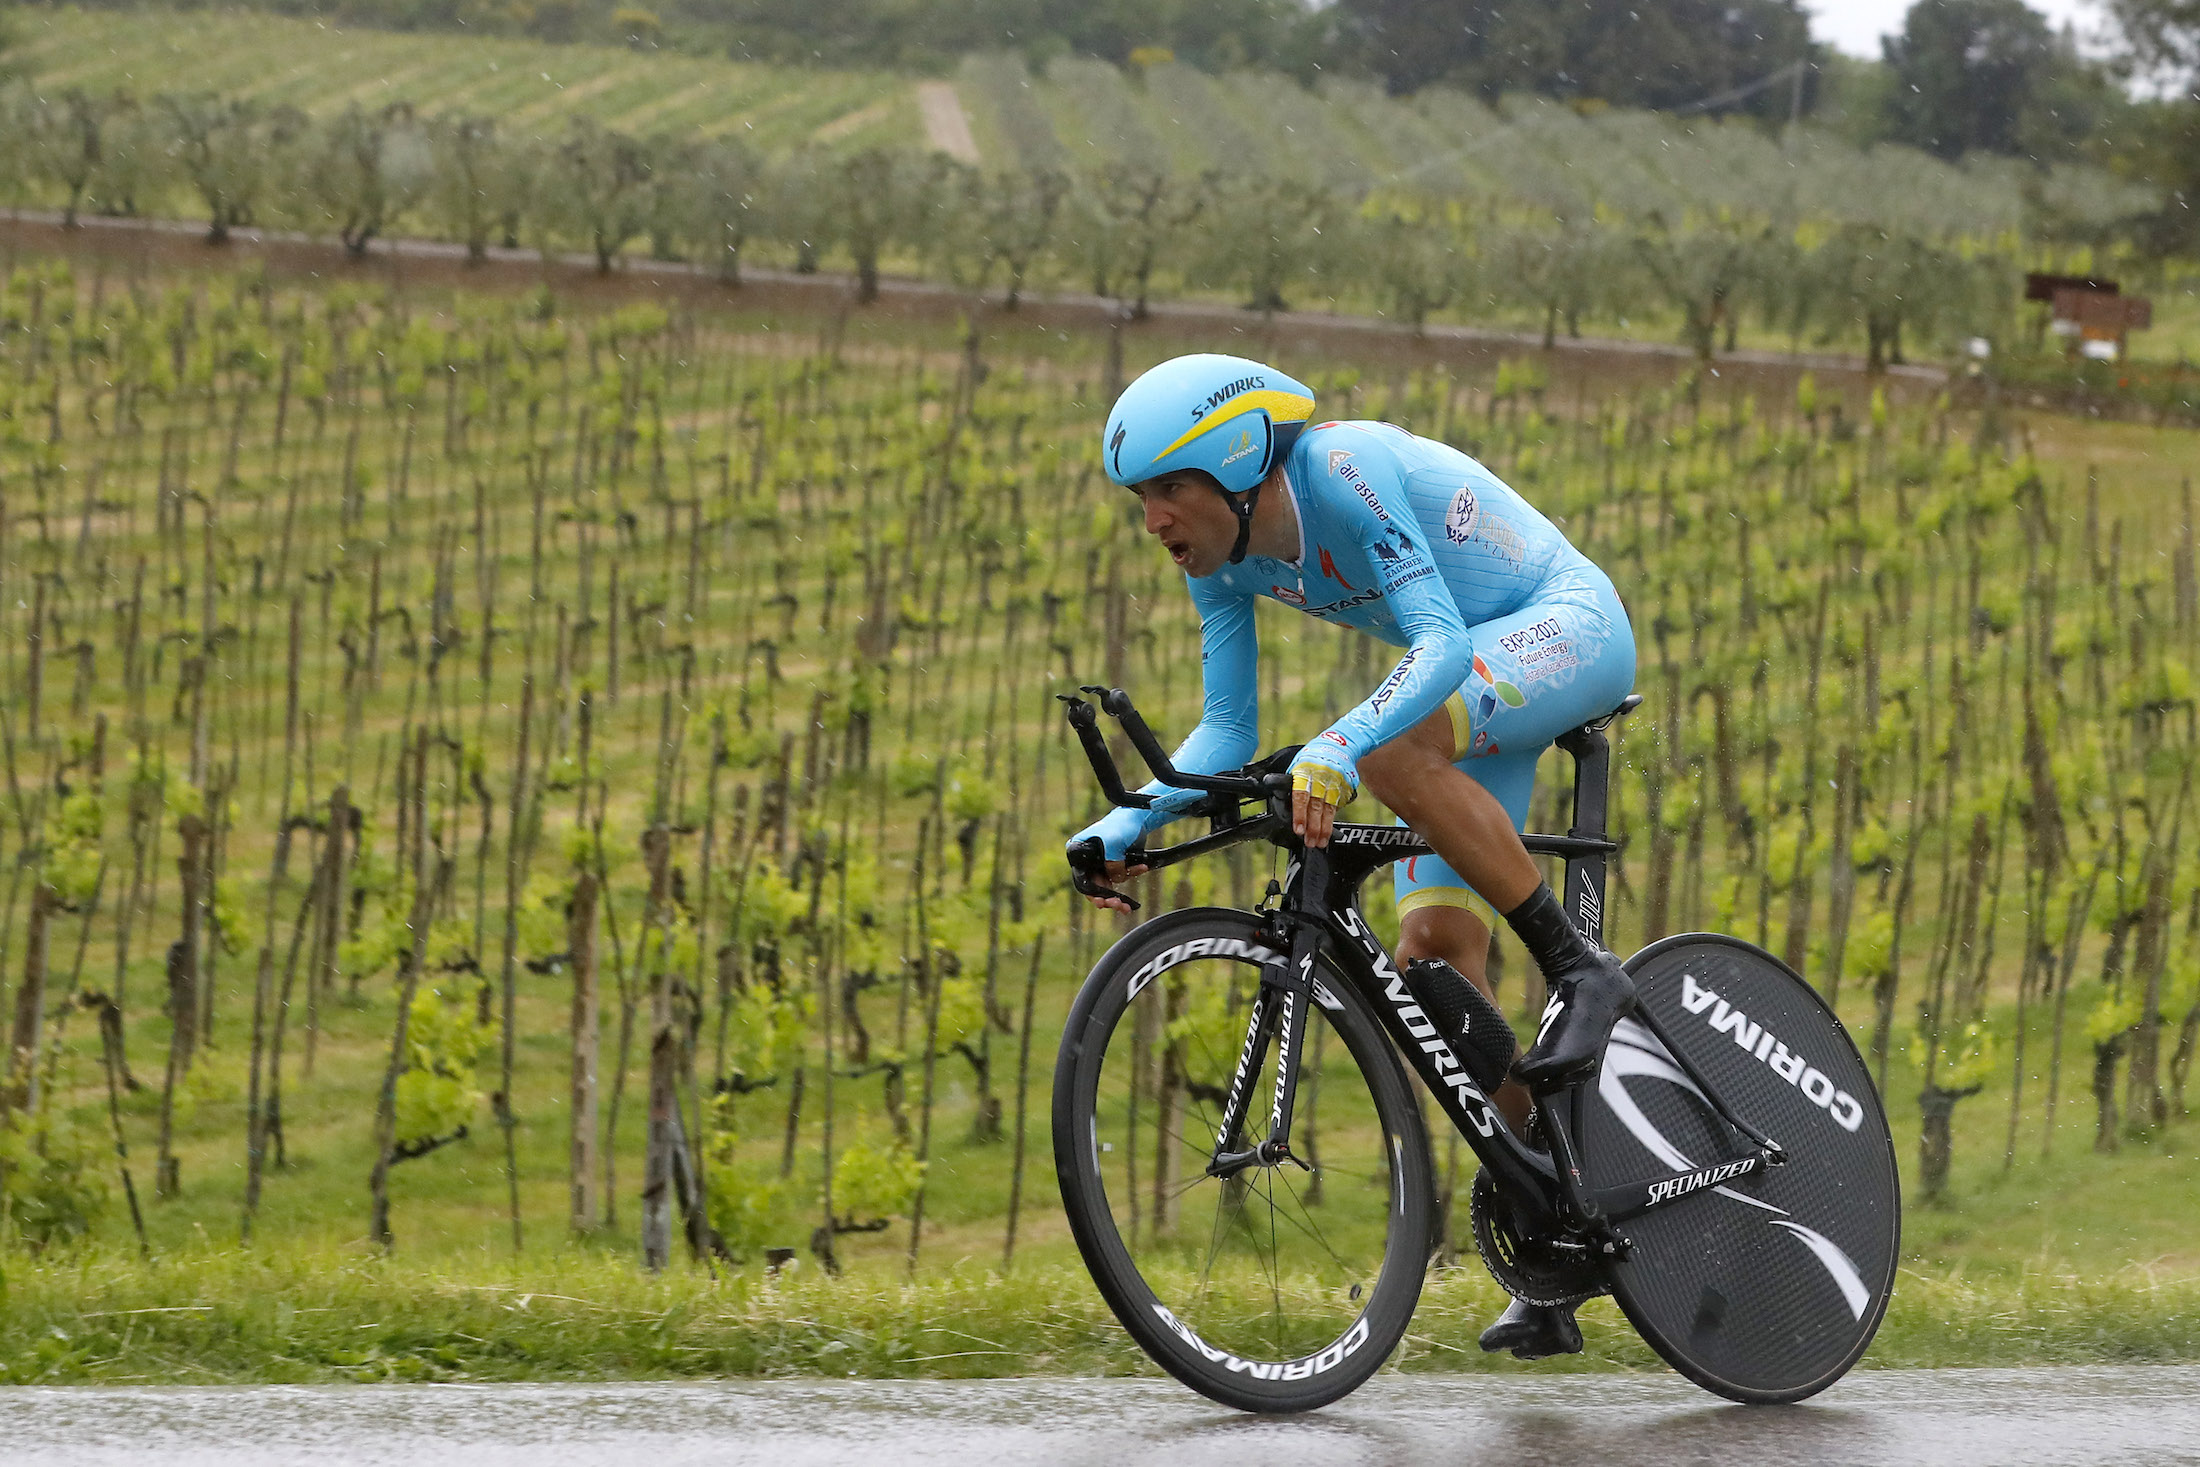 Vincenzo Nibali impegnato durante la crono di ieri: lo Squalo è quinto in classifica generale, a 53'' dalla maglia rosa Brambilla